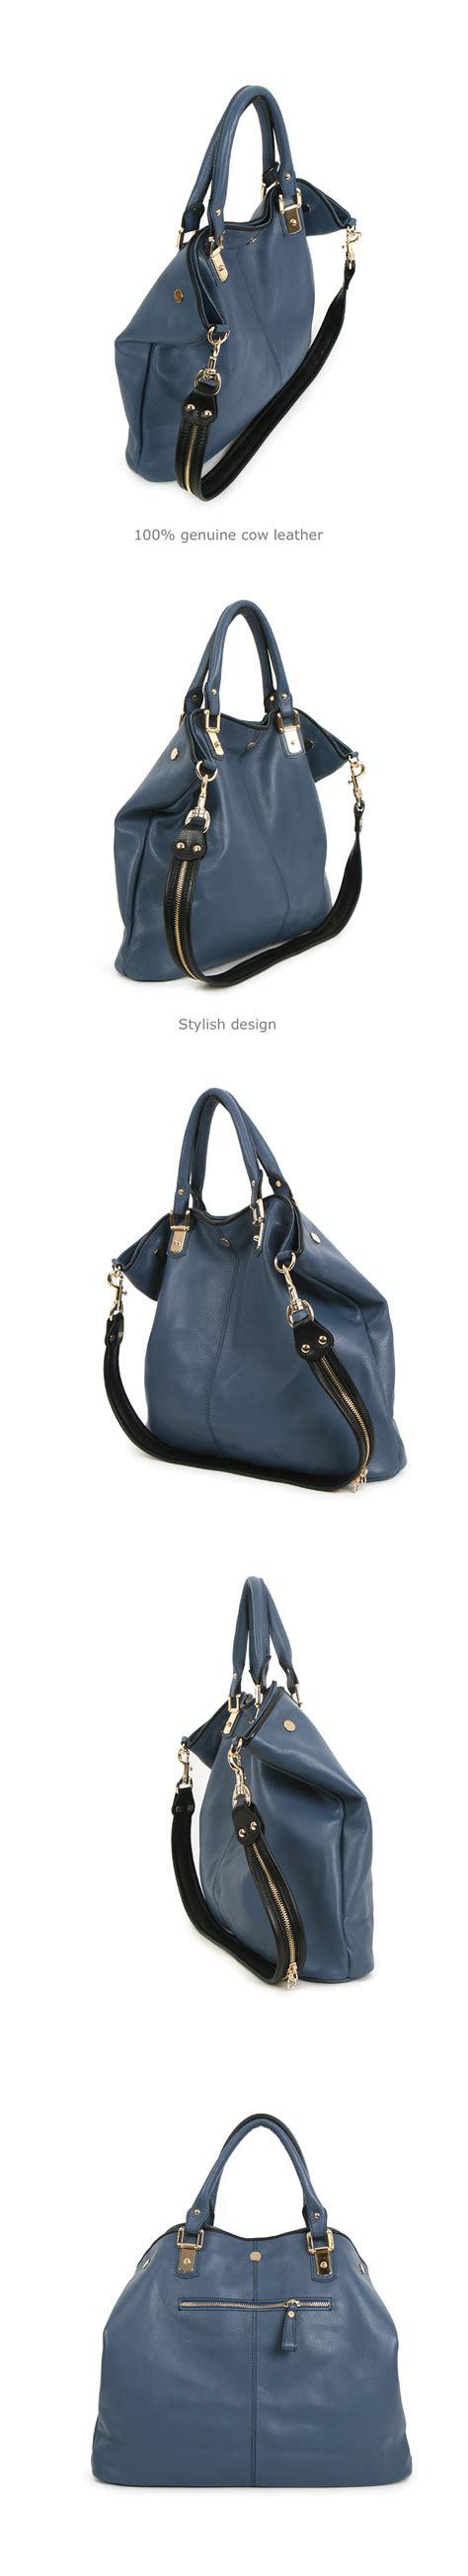 leather women bag shoulder handbag tote hobo black brown